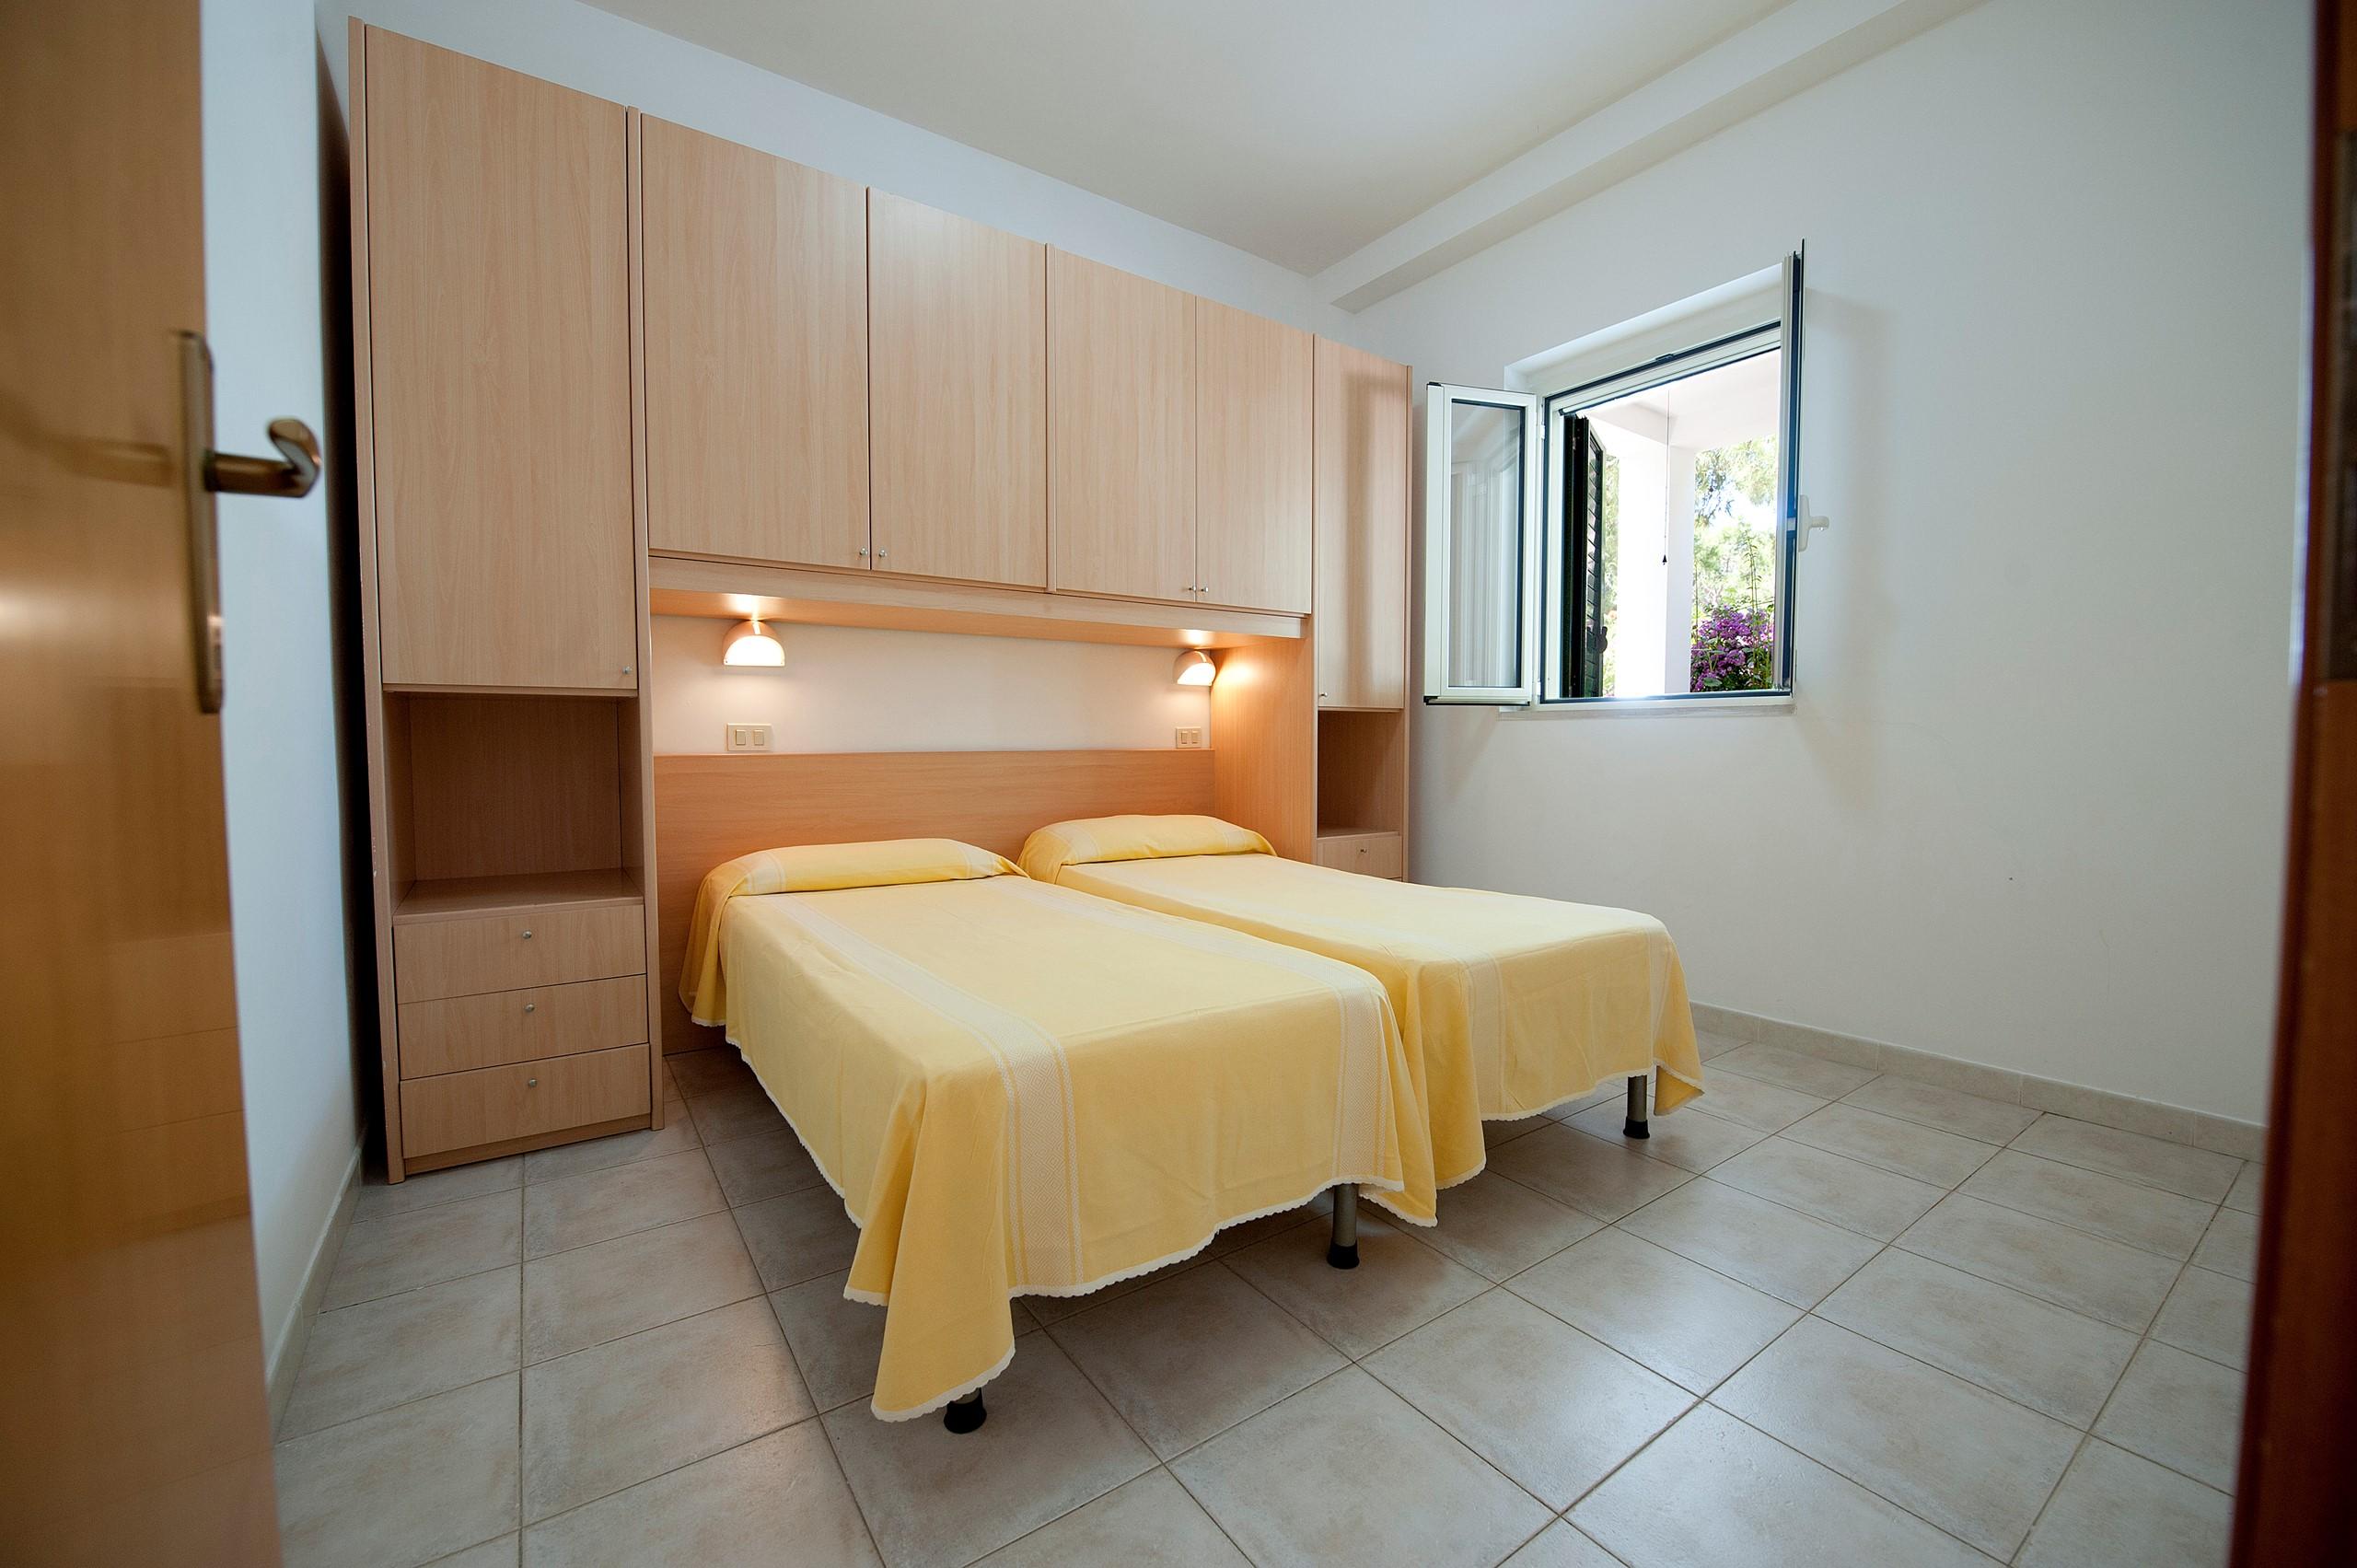 Camera Da Letto Con Divano : Doccia in camera da letto camera da letto in stile moderno with